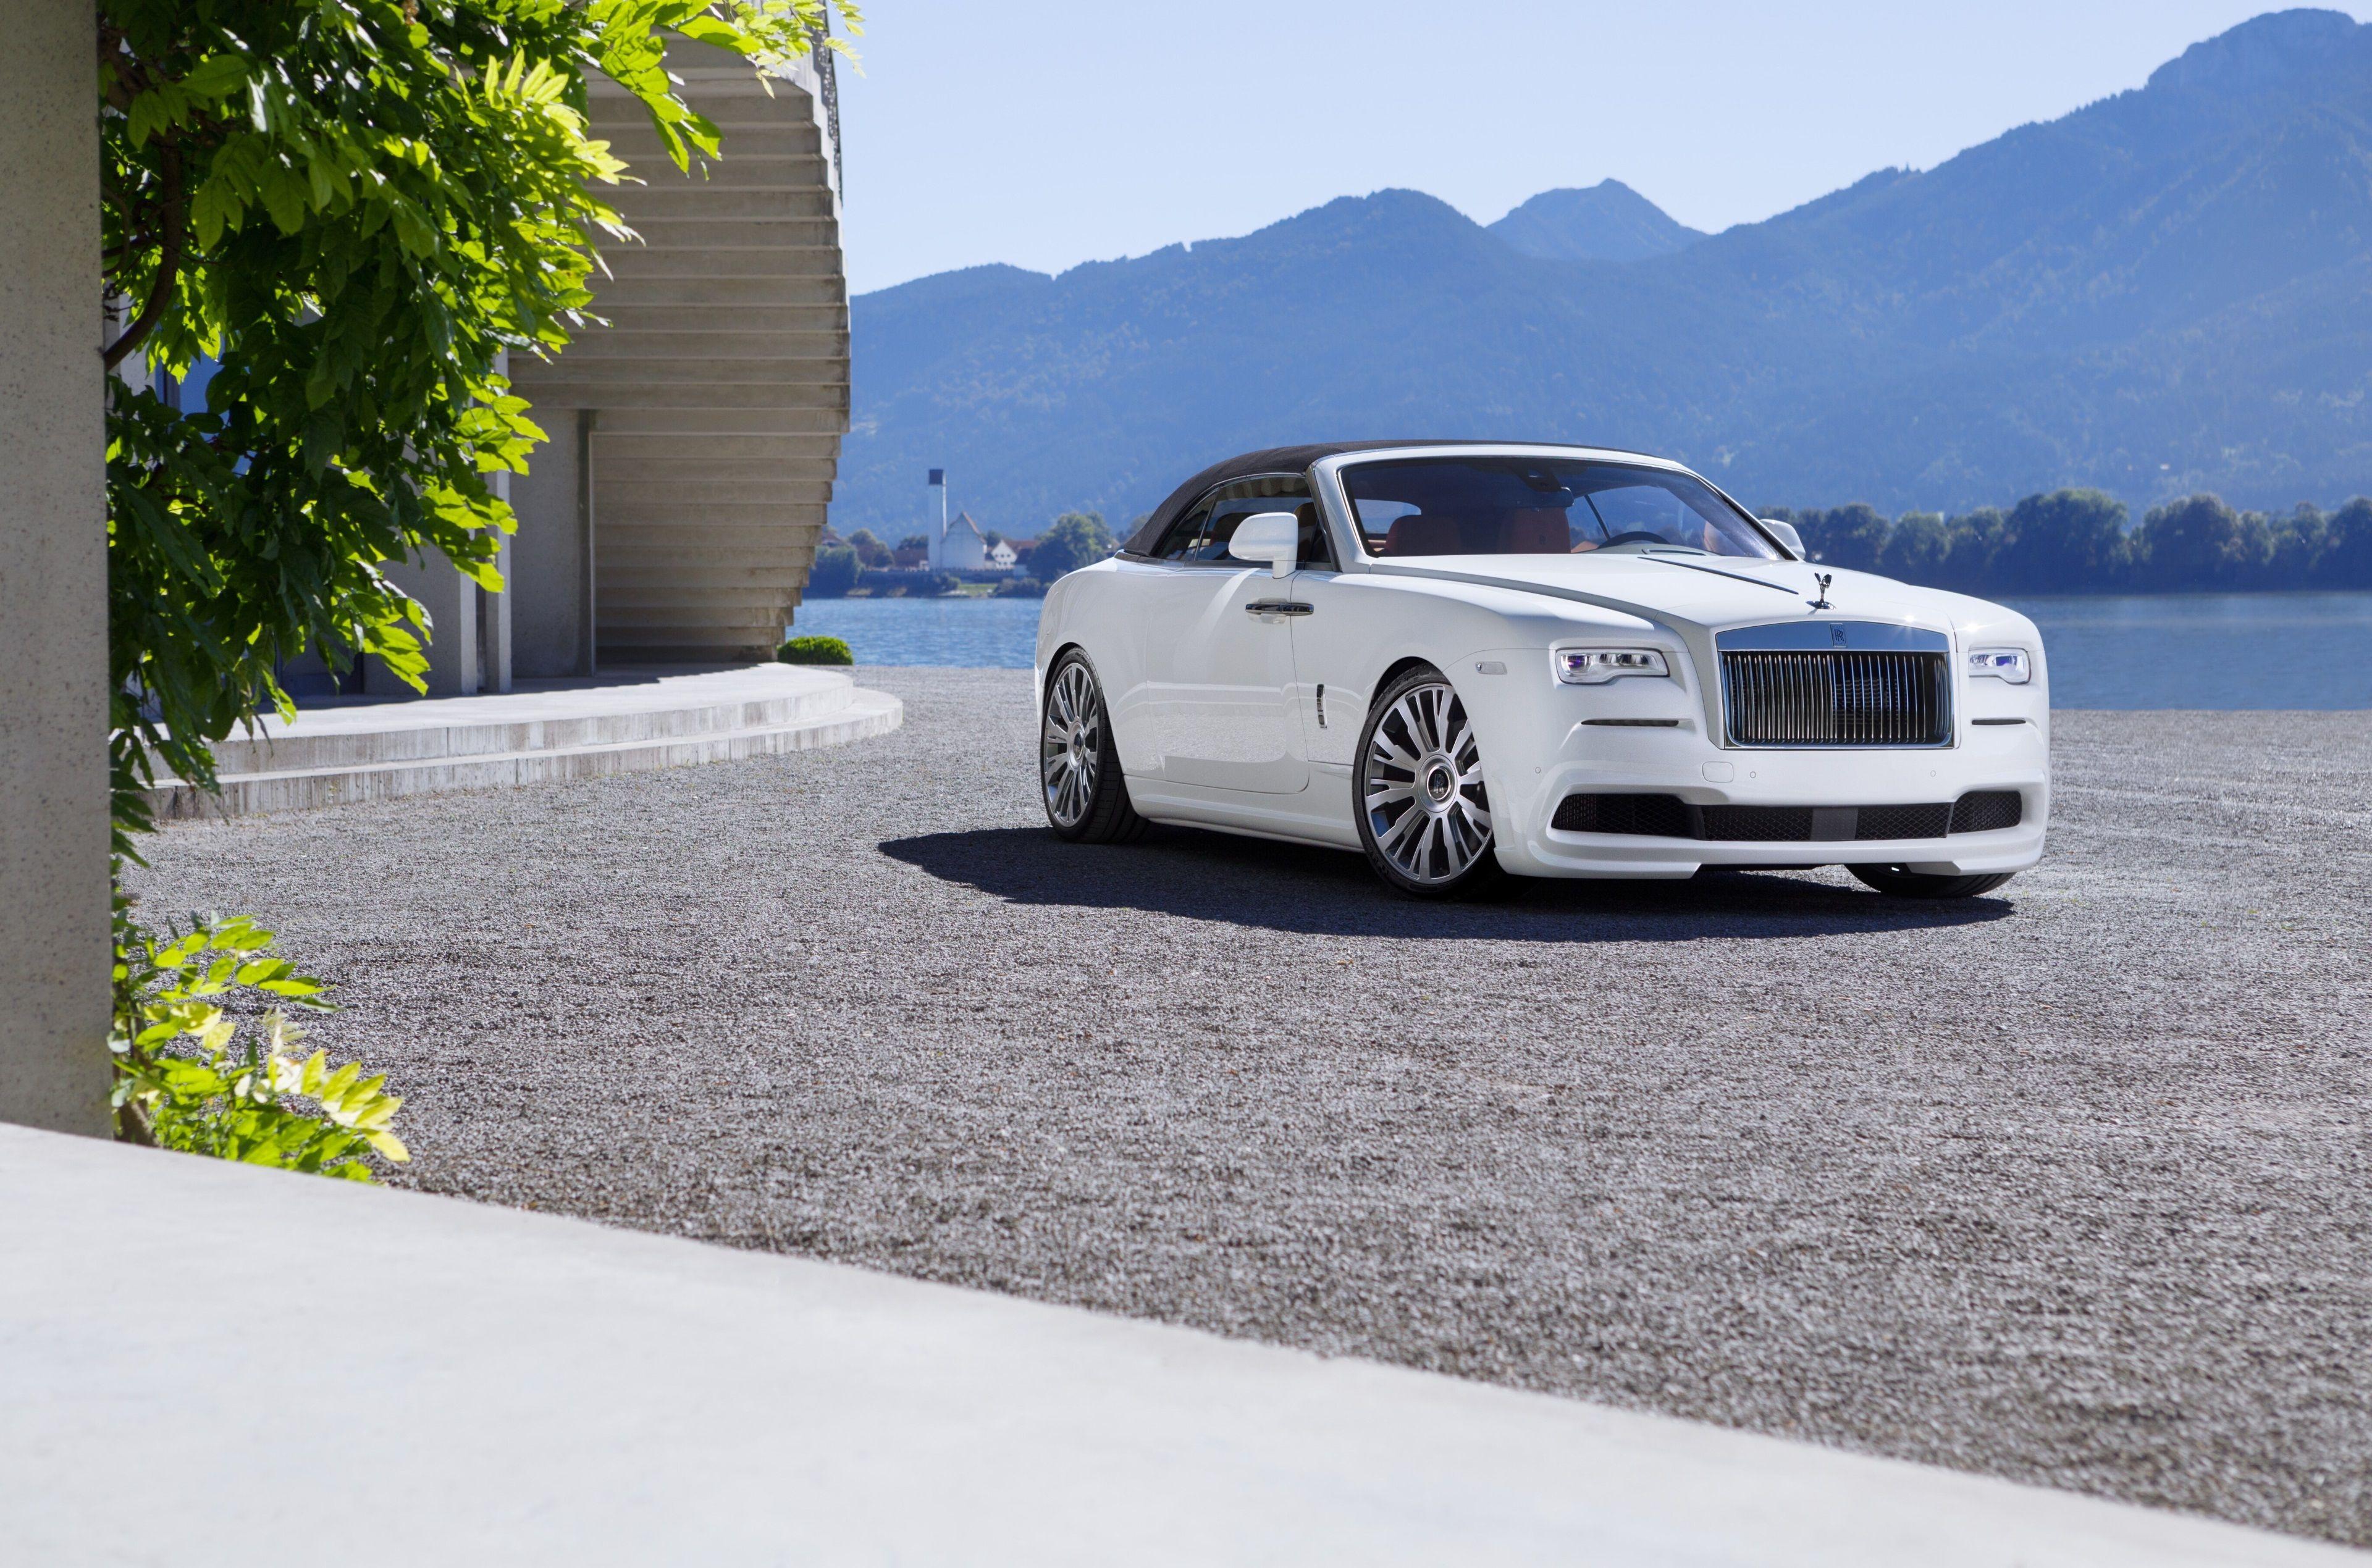 3840x2539 Spofec Rolls Royce Dawn 4k Desktop Hd Wallpaper Download Rolls Royce Dawn White Rolls Royce Rolls Royce